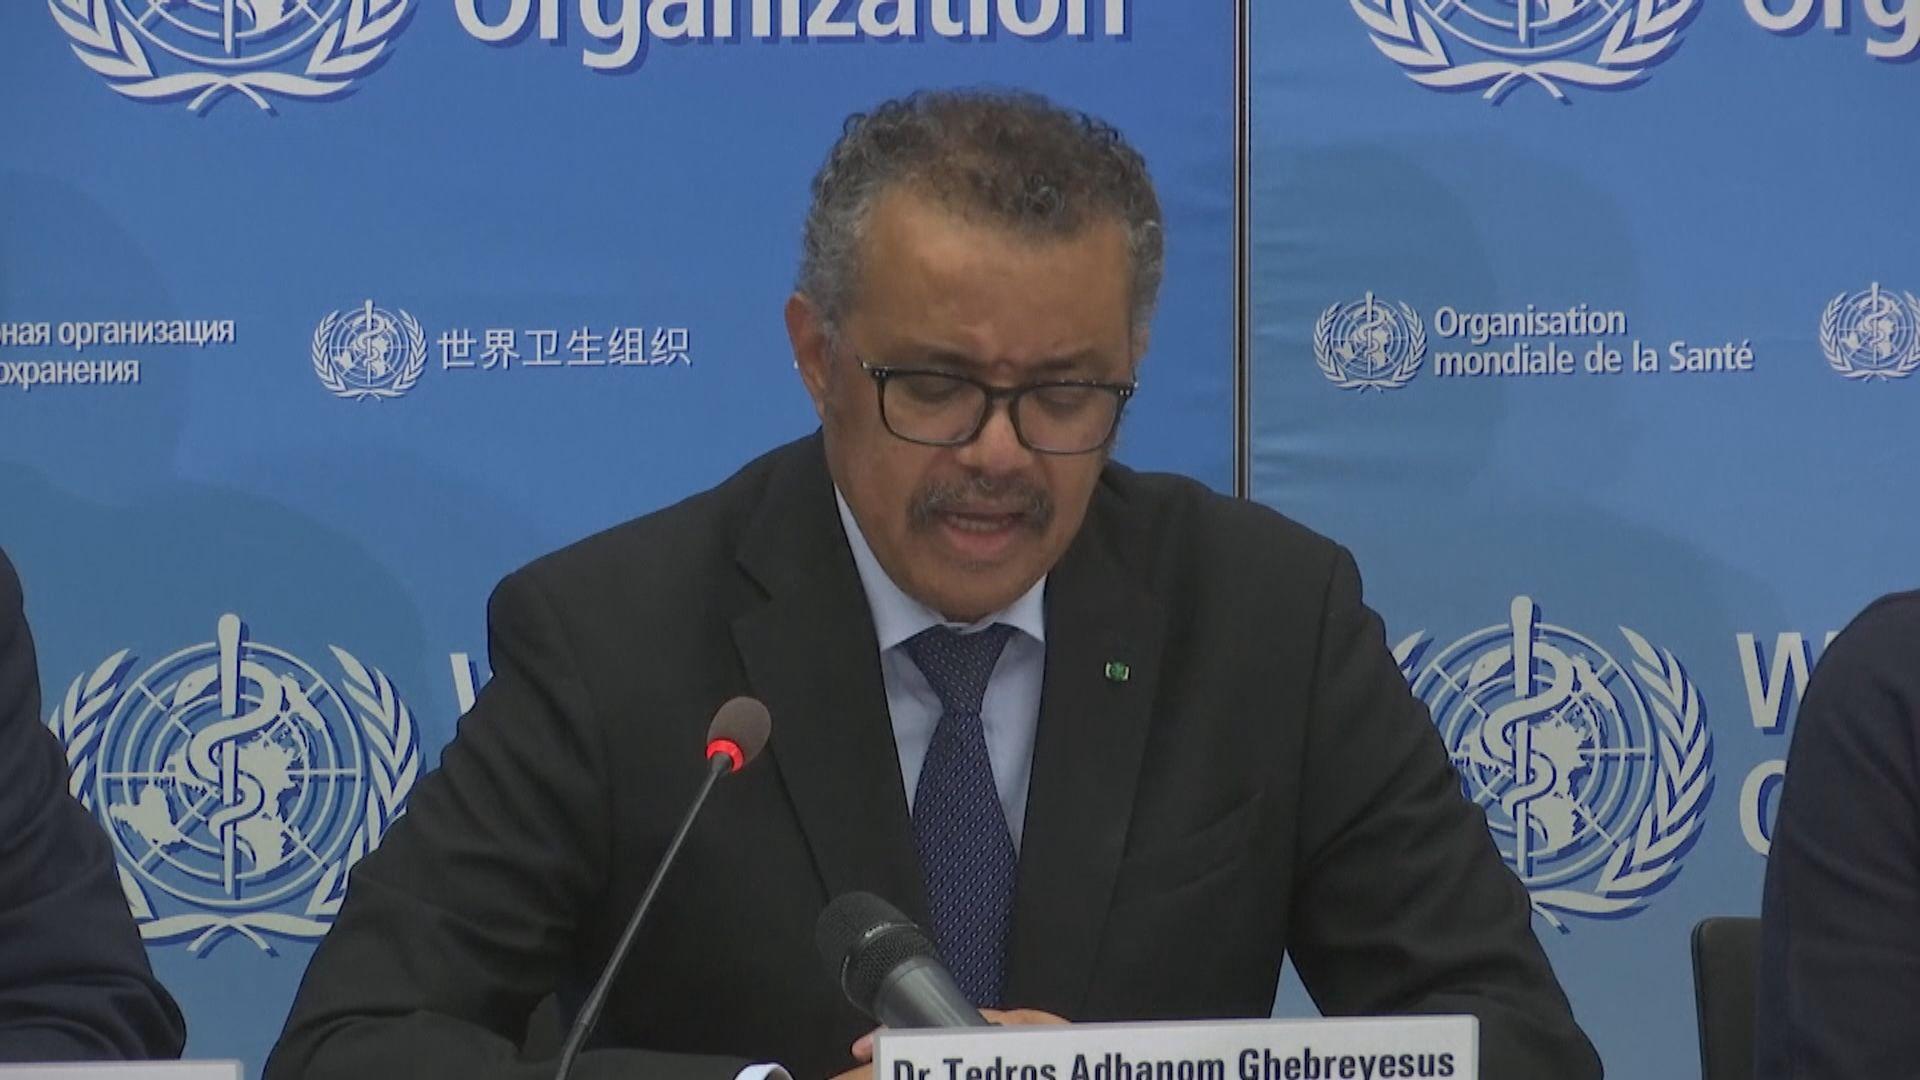 世衛:對意韓病例急增感憂慮 惟疫情仍未構成全球大流行